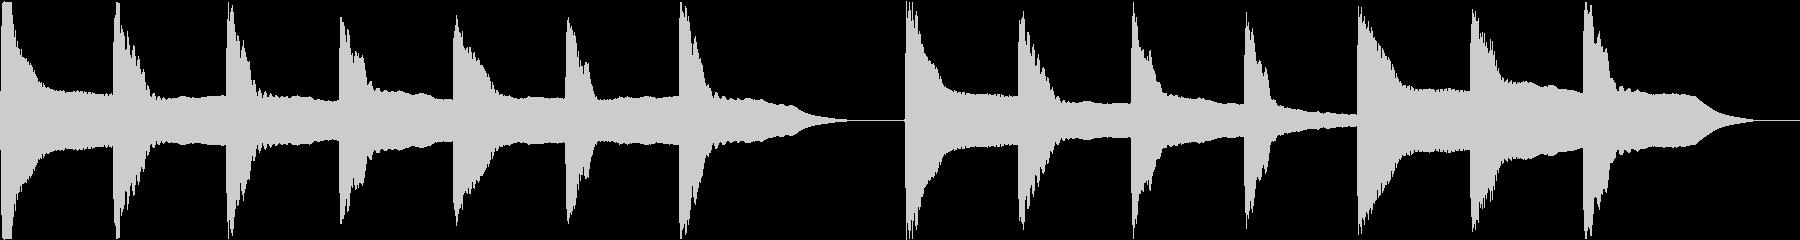 着信音 ループ お知らせ 通知 3の未再生の波形